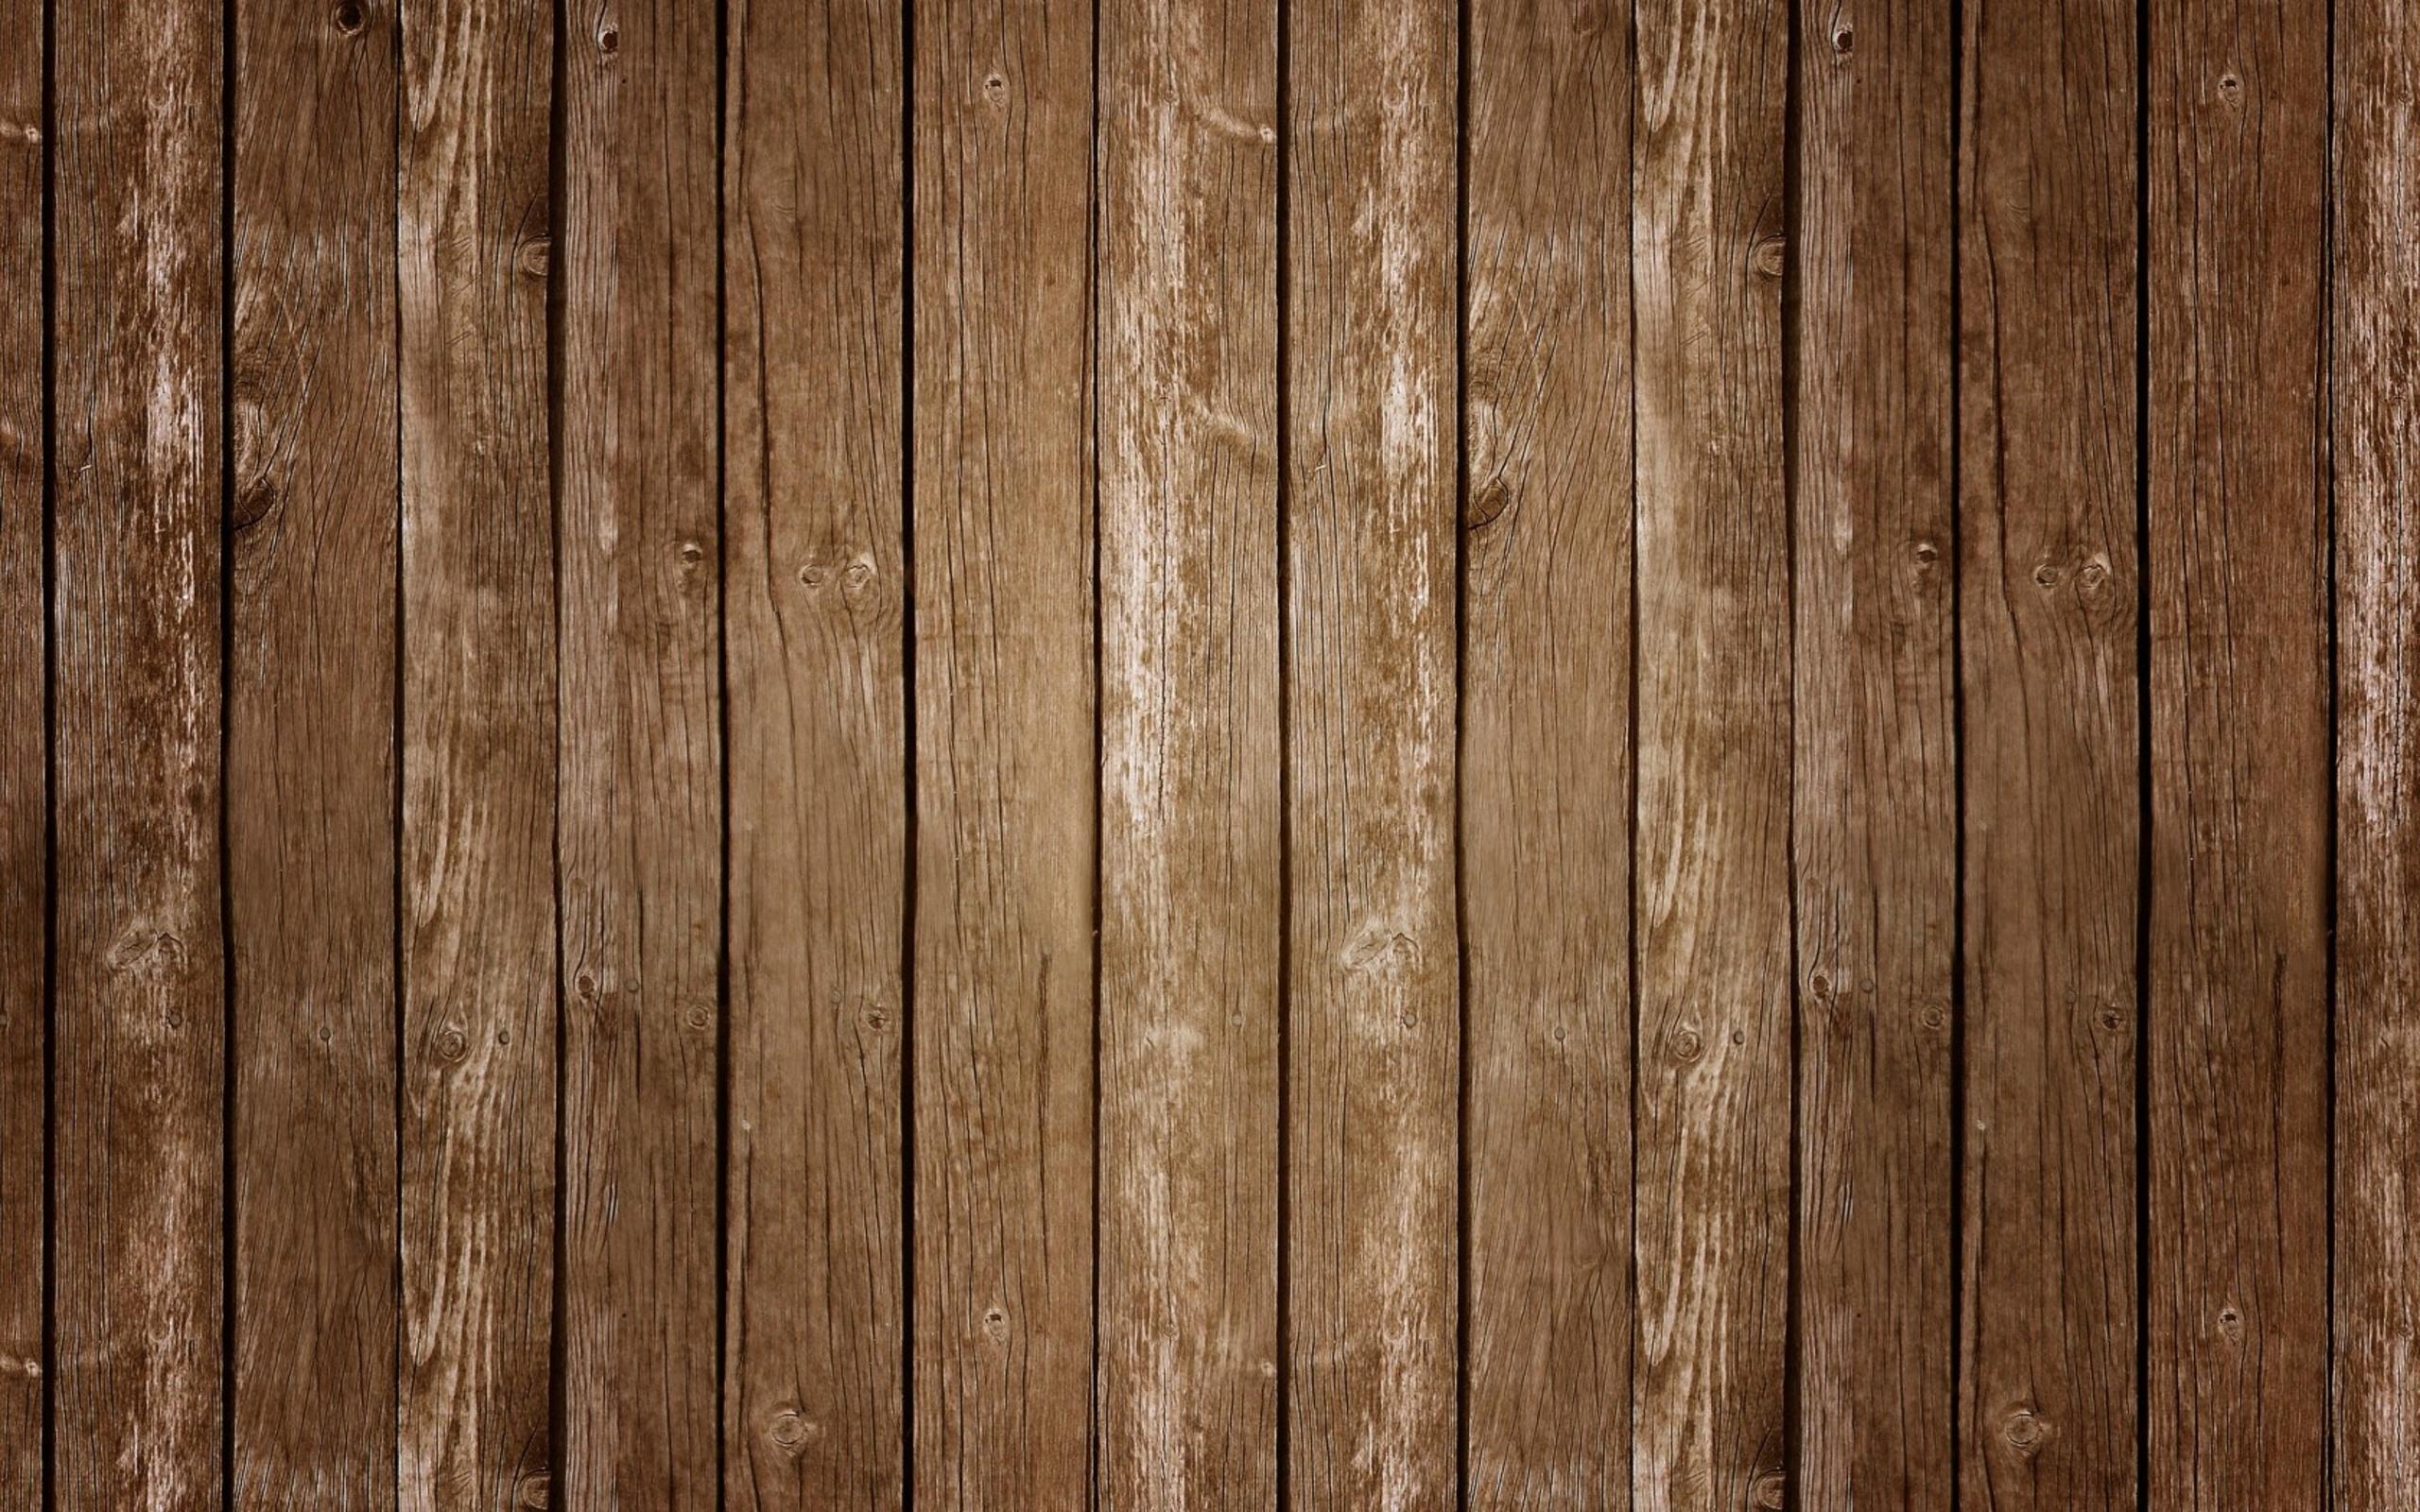 download next wallpaper prev wallpaper 2560x1600